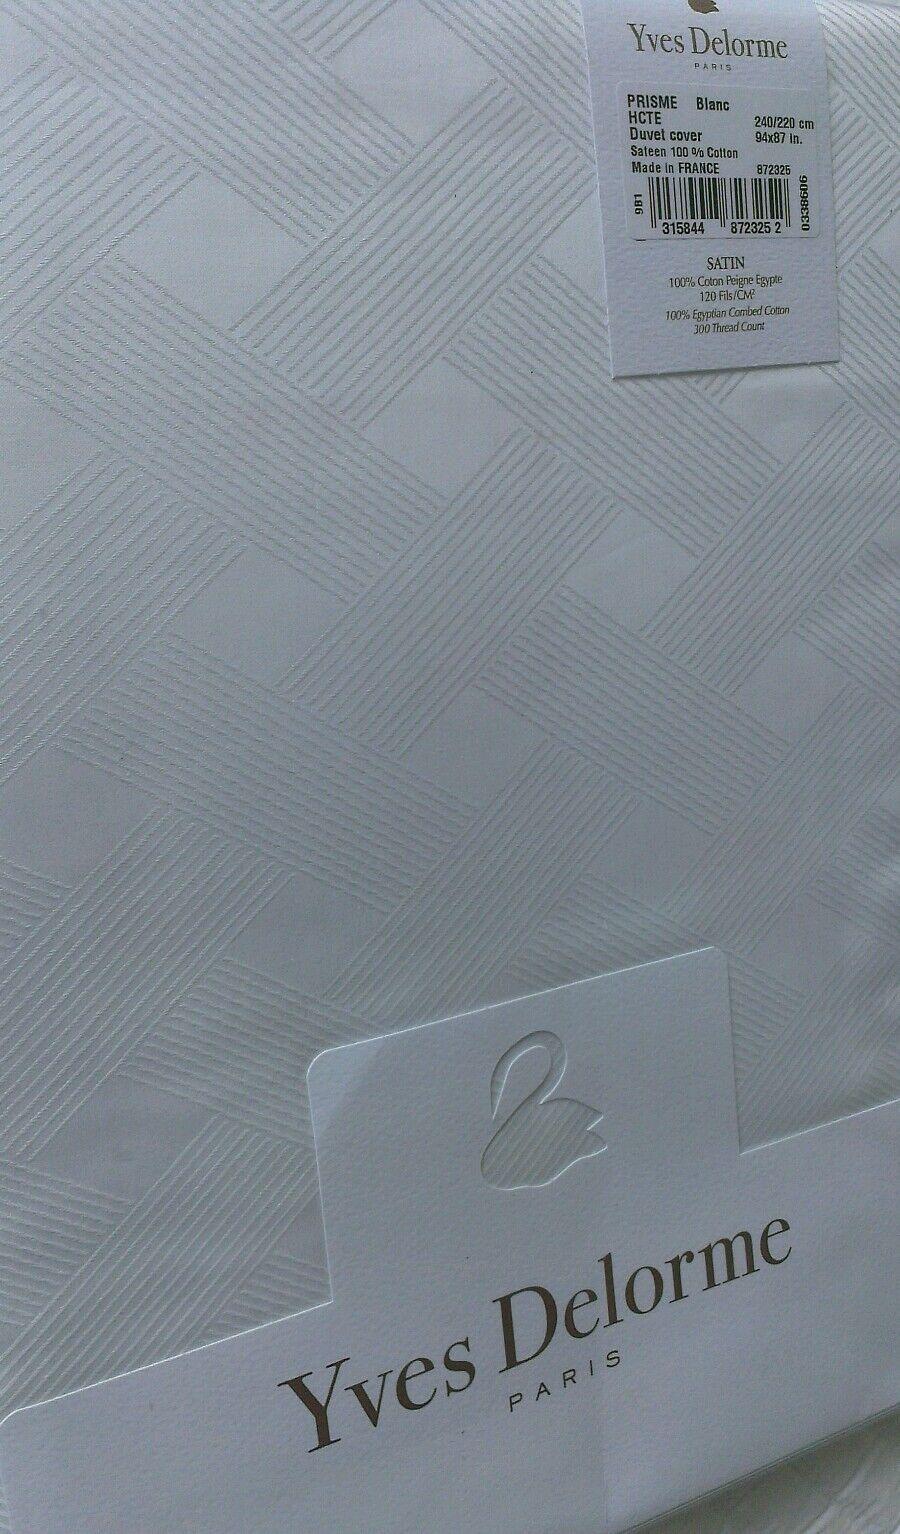 YVES DELORME PRISME white WHITE SATIN  Duvet Cover Set KING